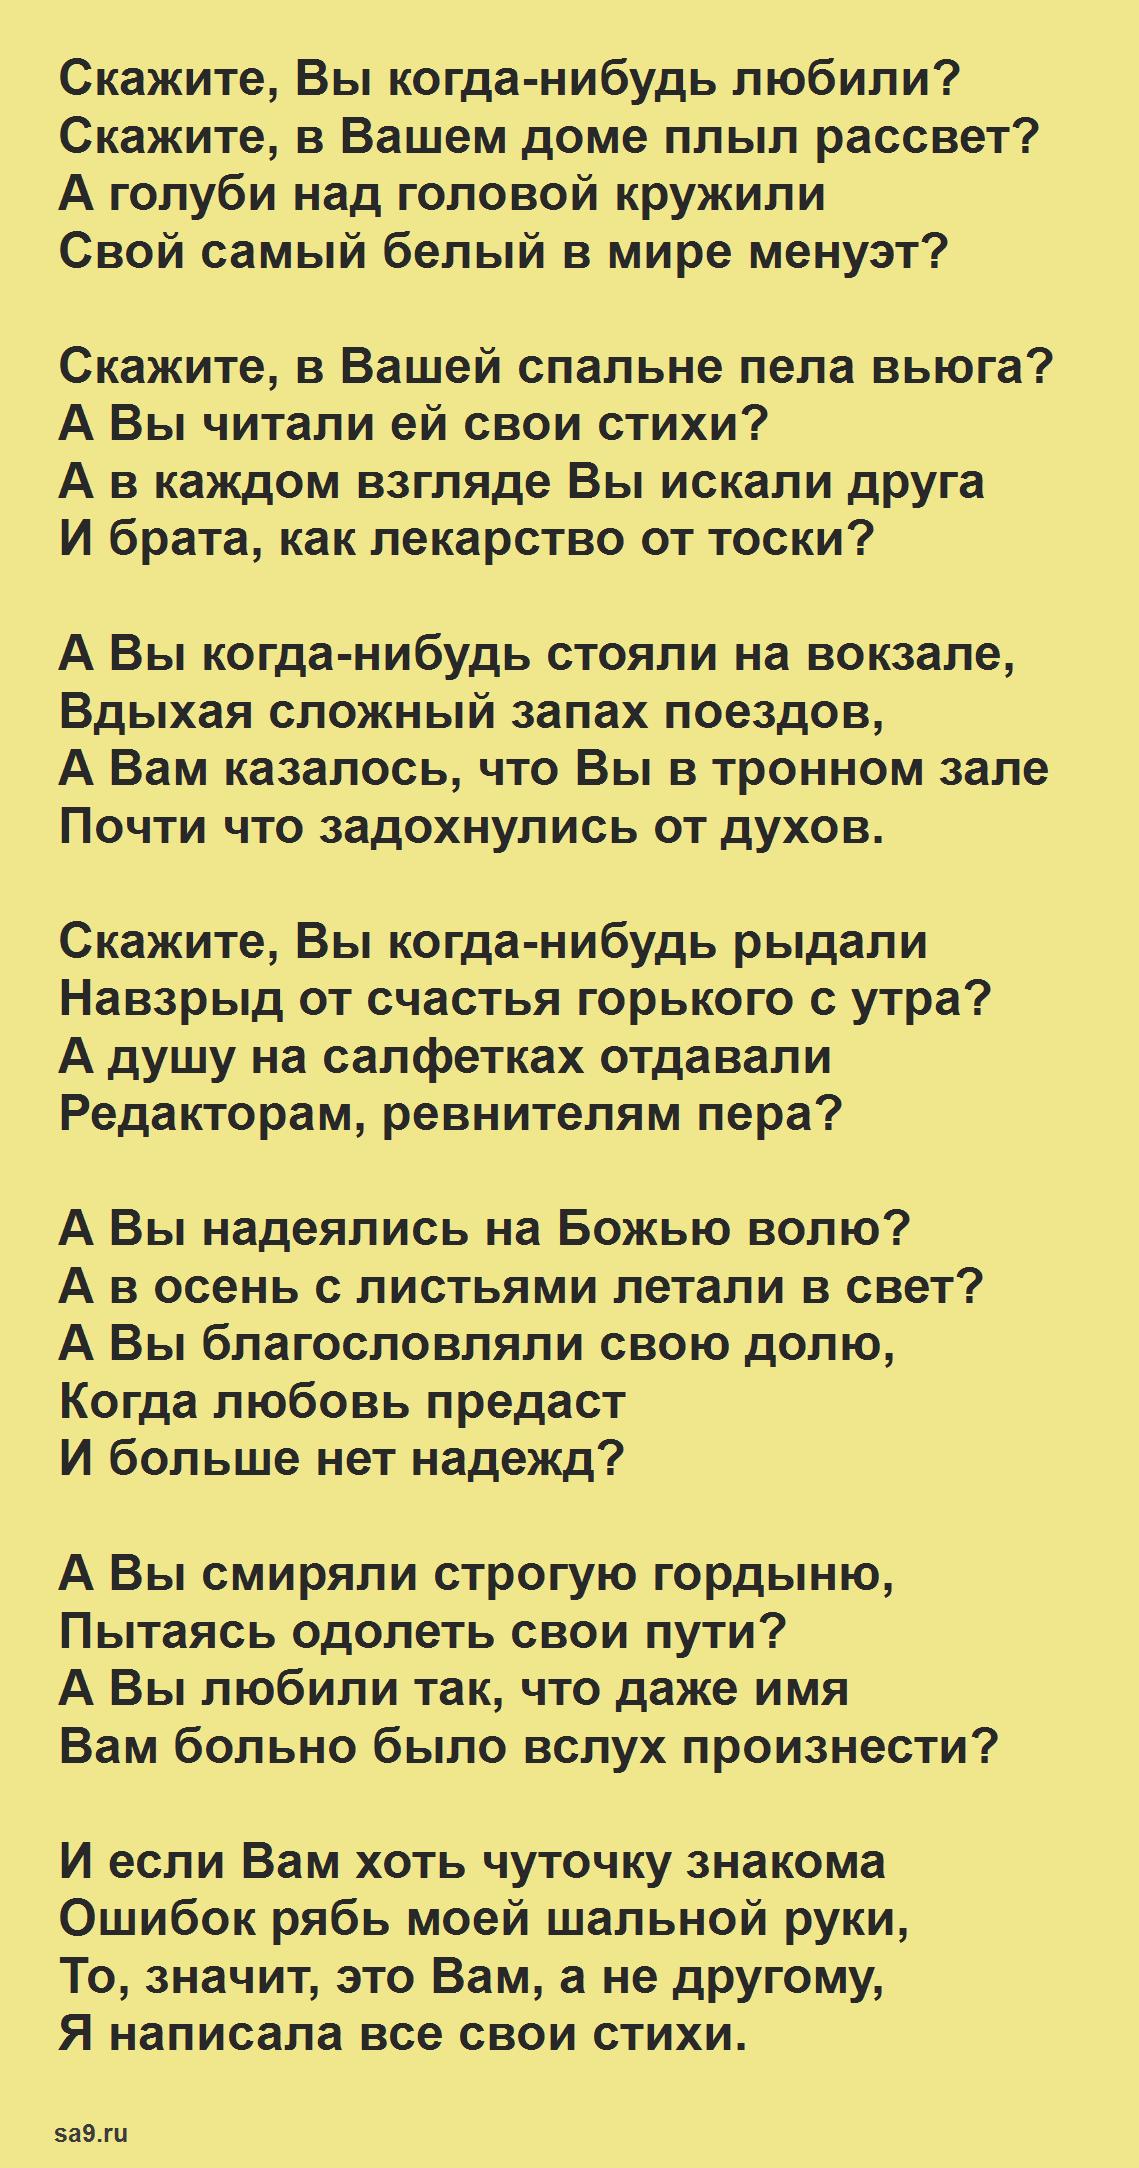 Стихи Асадова о любви на расстоянии